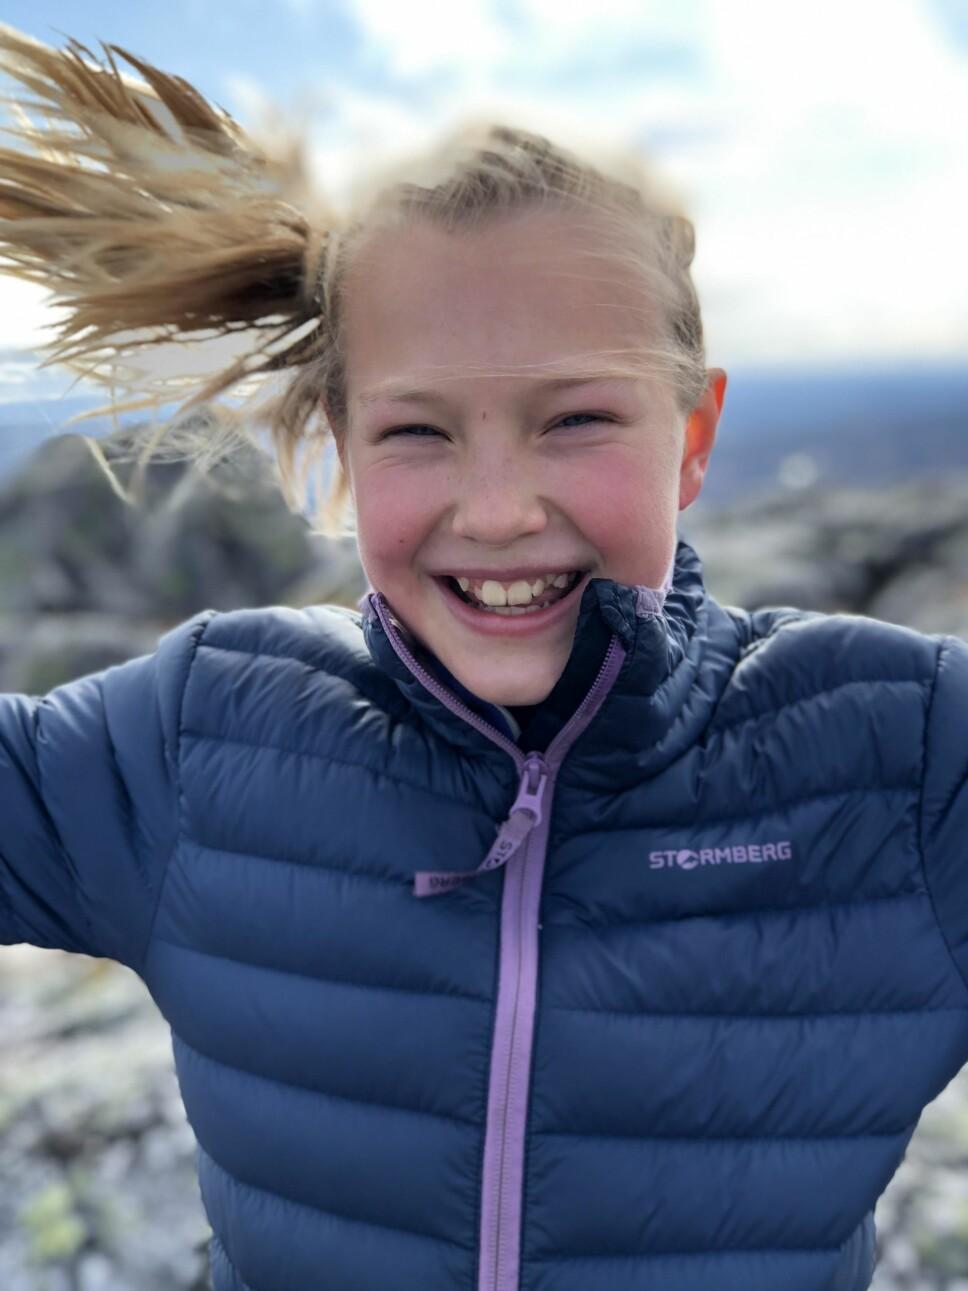 FUNKER IKKE HELT: Portrettfunksjonen muliggjort med iPhone 7 Plus og iPhone 8 Plus kan løfte bildene dine betraktelig. Men selv om prosessoren A11 Bionic er kraftig, kan den bli satt ut av hår som blåser i vinden.